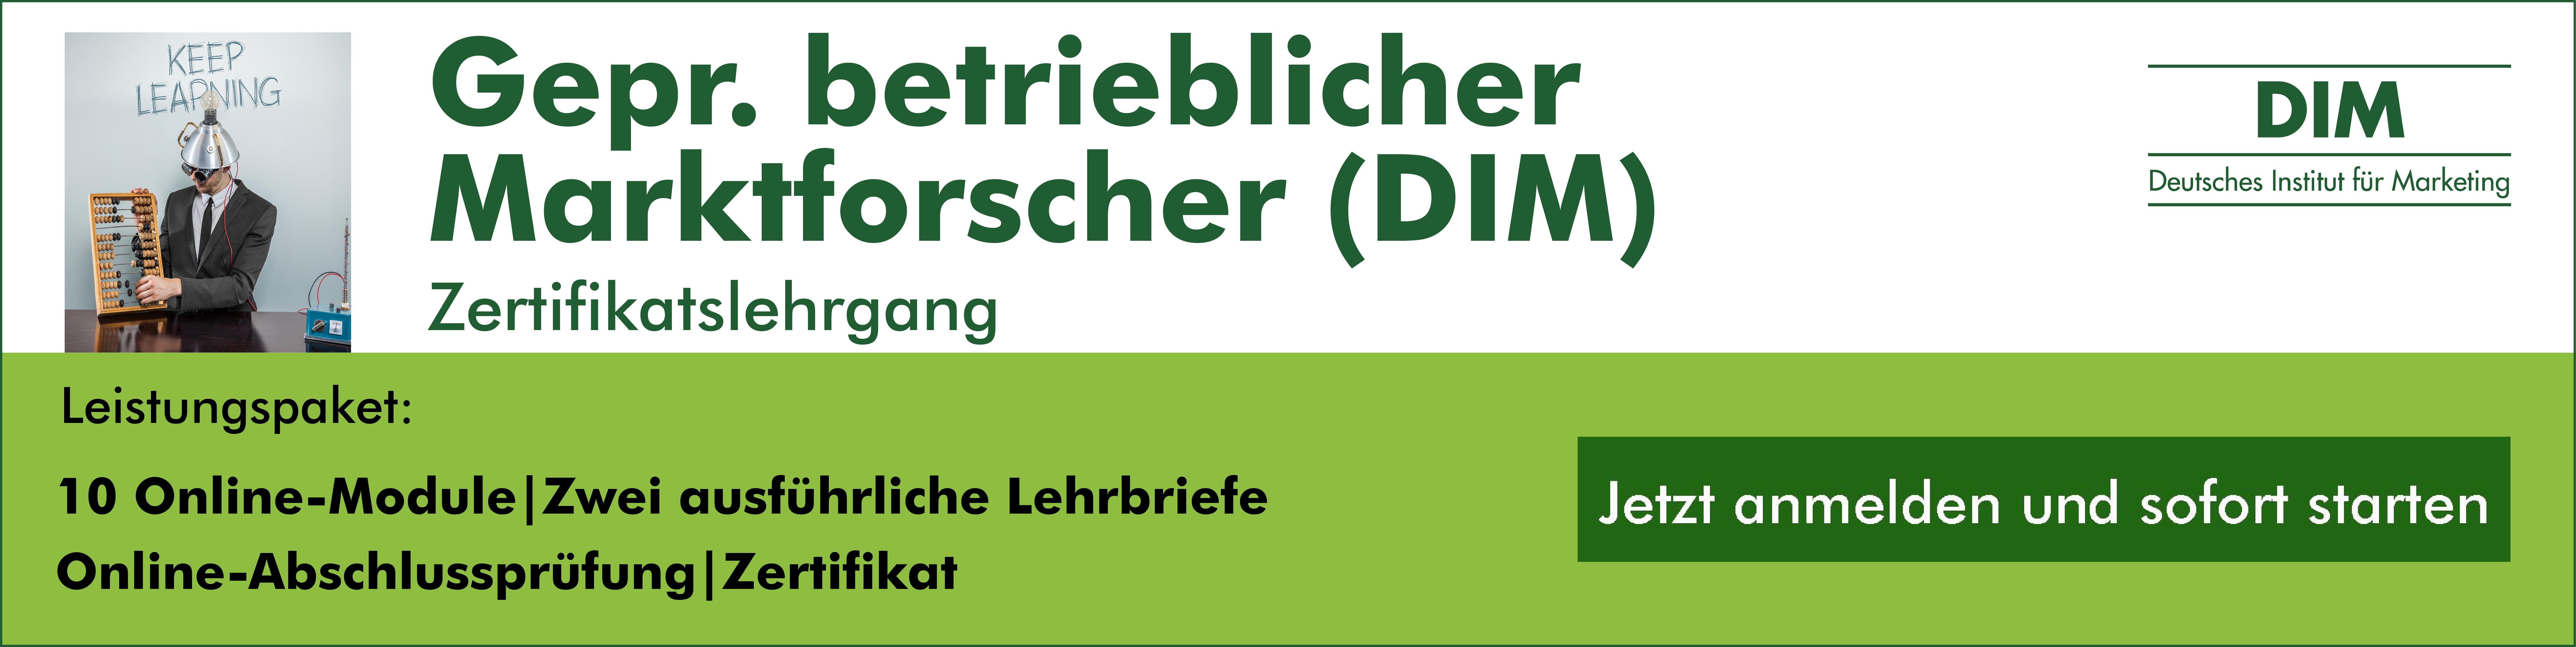 Lehrgang Gepr. betrieblicher Marktforscher (DIM)